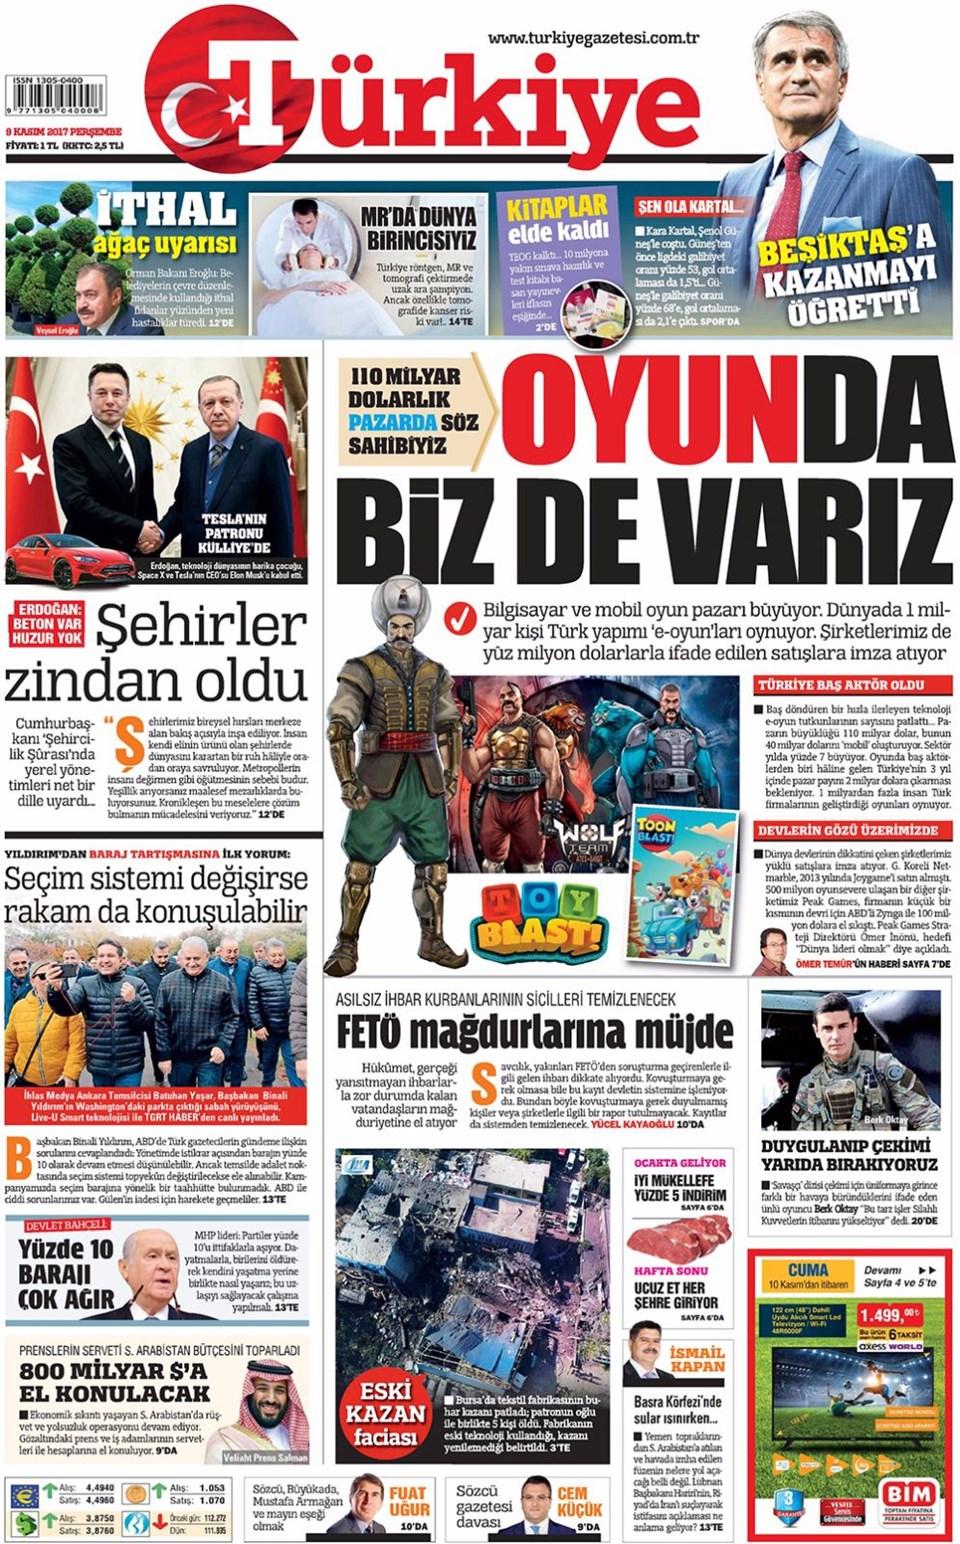 Basında bugün kim ne manşet attı? 9 kasım günün gazete manşetleri 13